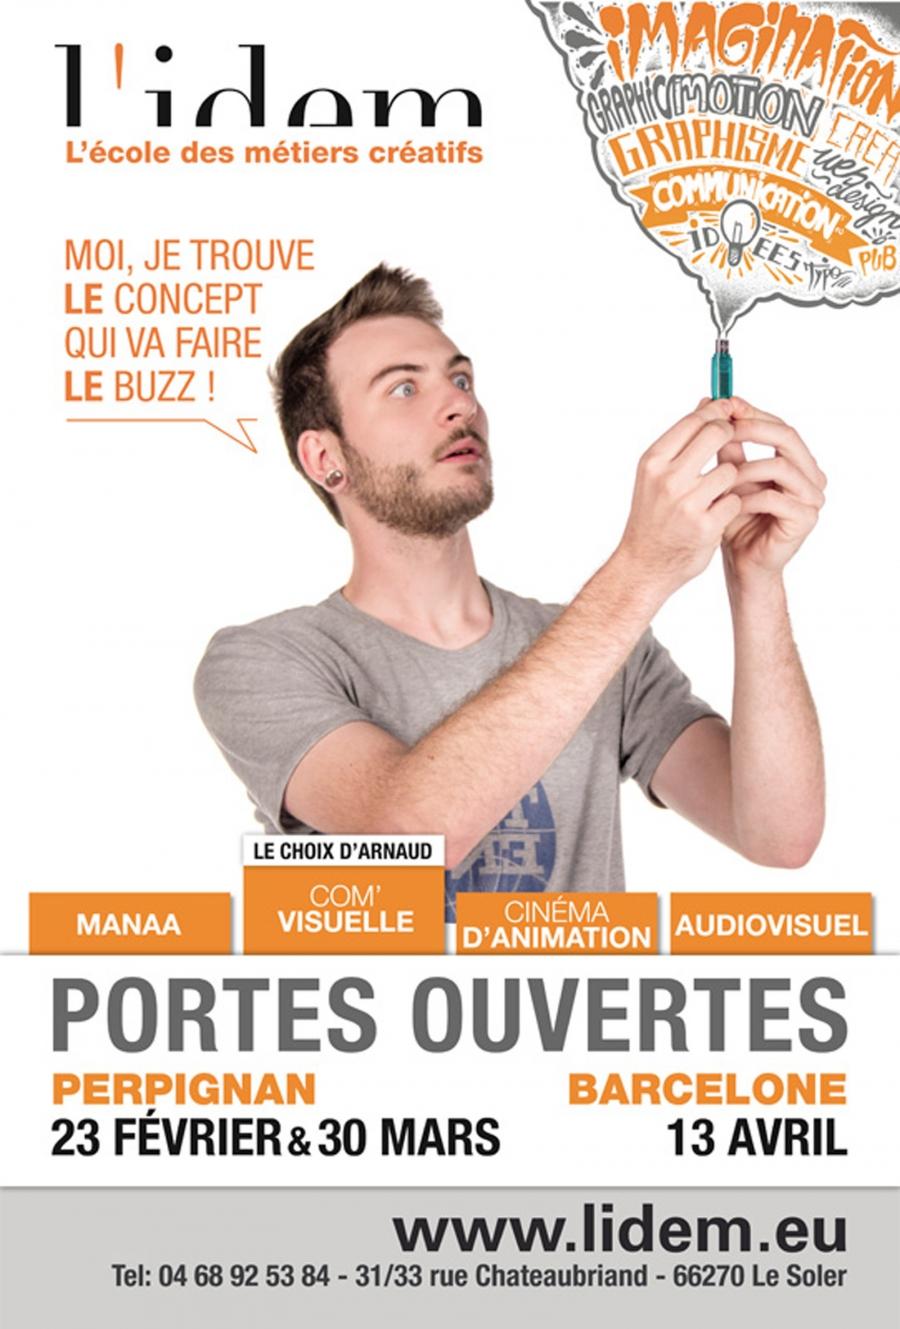 Affiche n°2 JPO de L'IDEM 2013